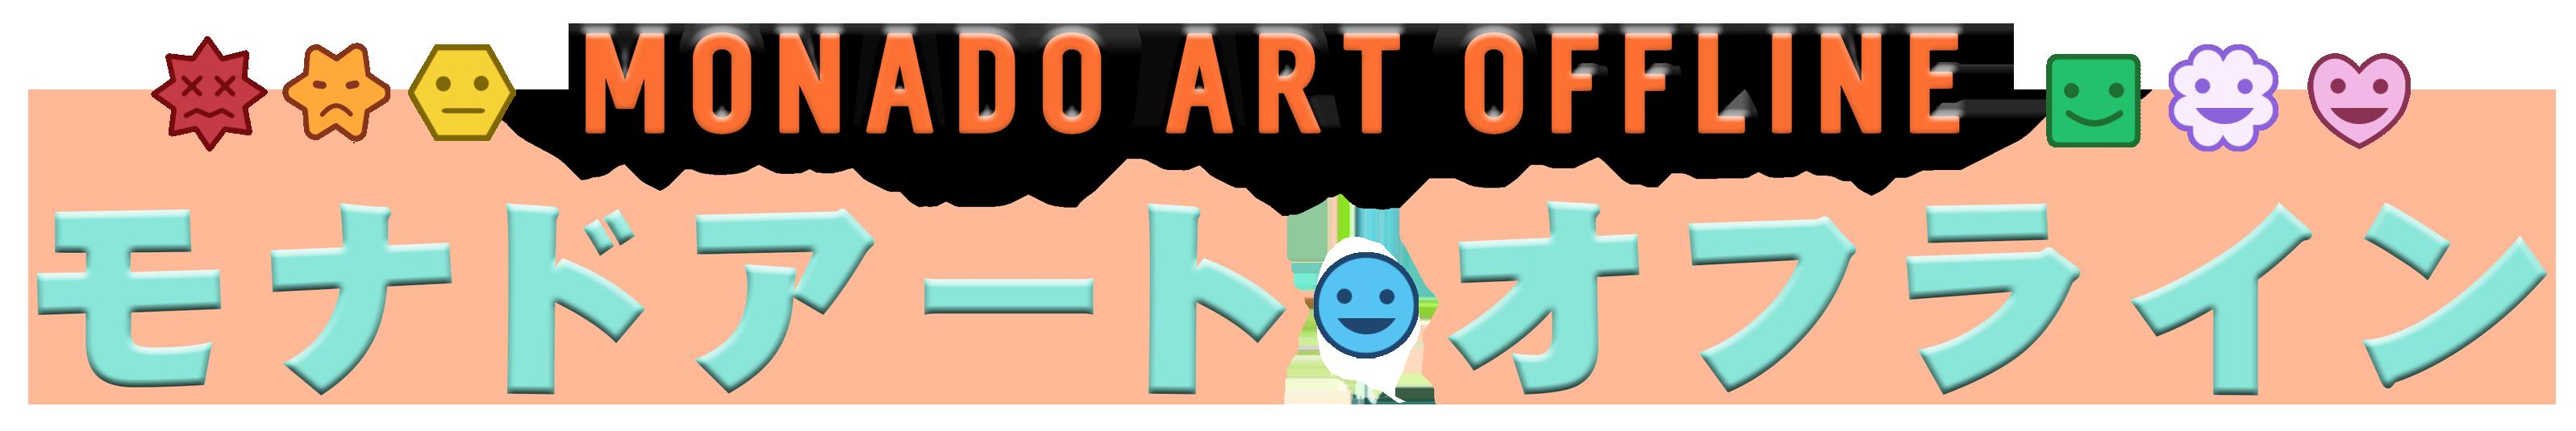 monado art offline logo by leafpenguins on deviantart